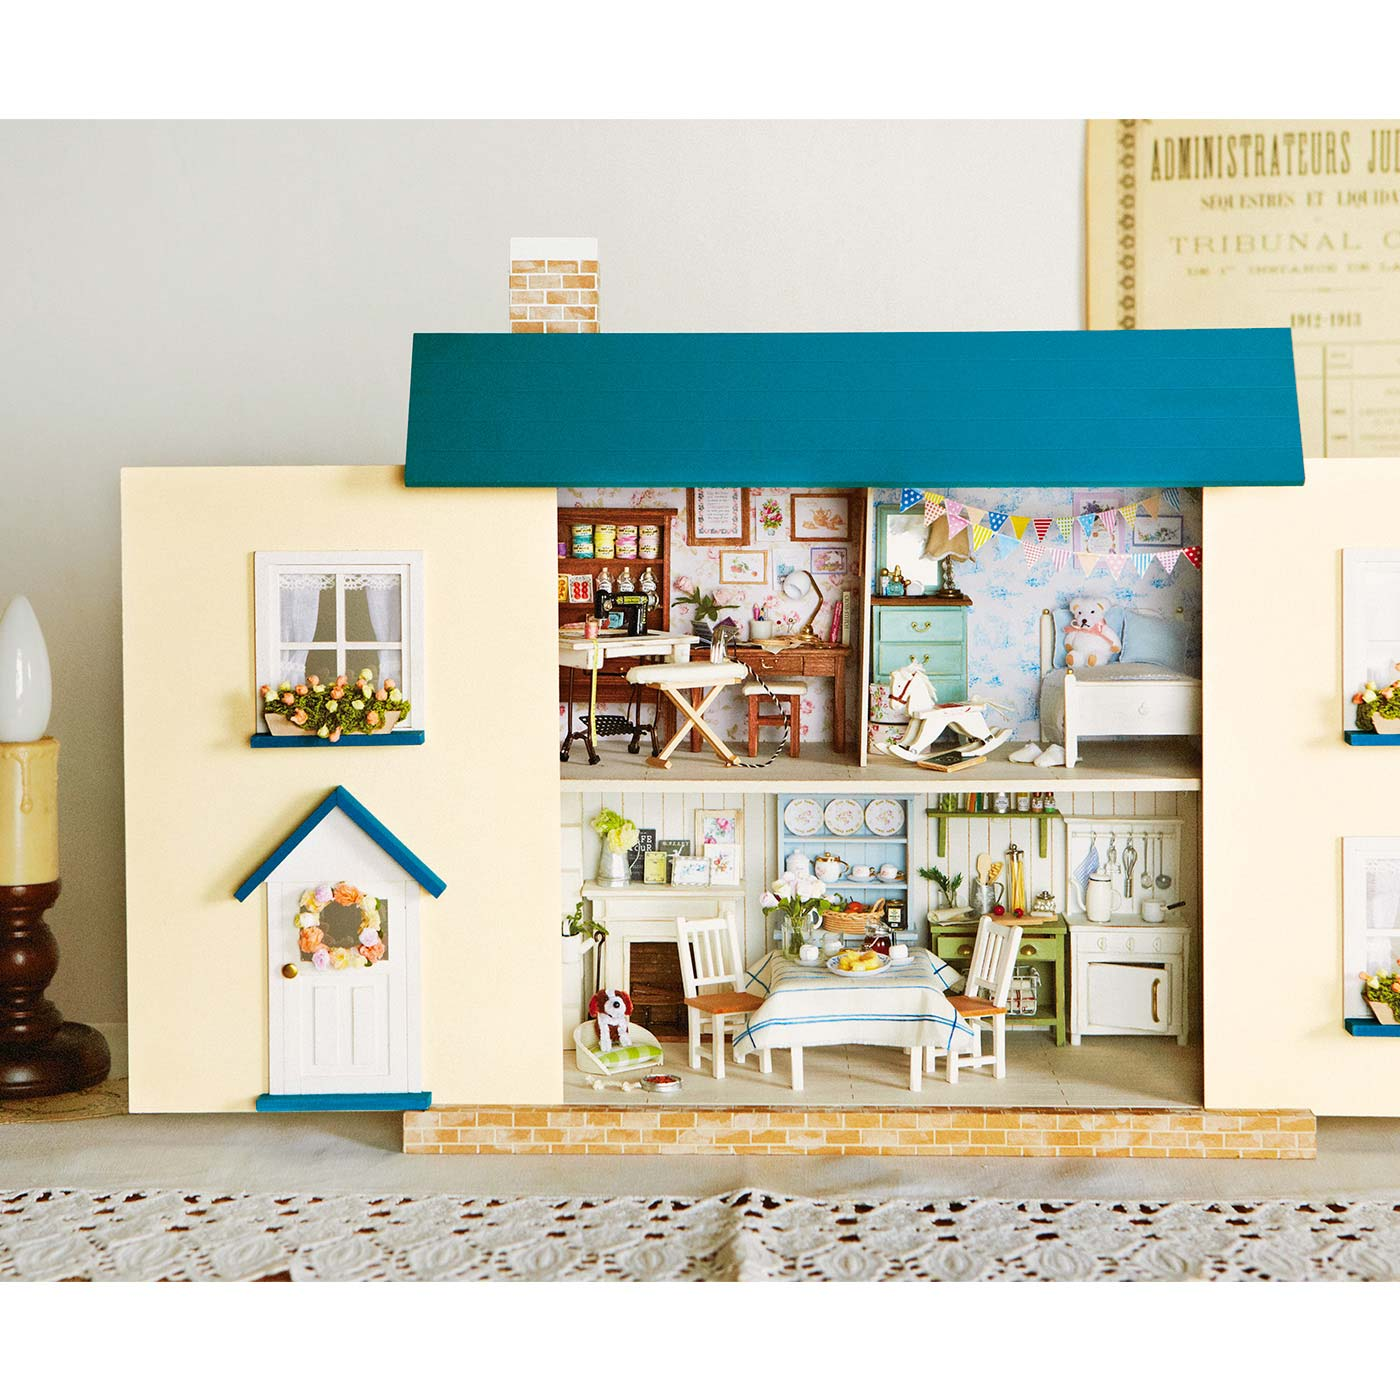 Couturier[クチュリエ] 季節の飾りつけを楽しむ シャビーシック風ドールハウスのインテリアの会 別売りのドールハウスに飾って楽しんで。